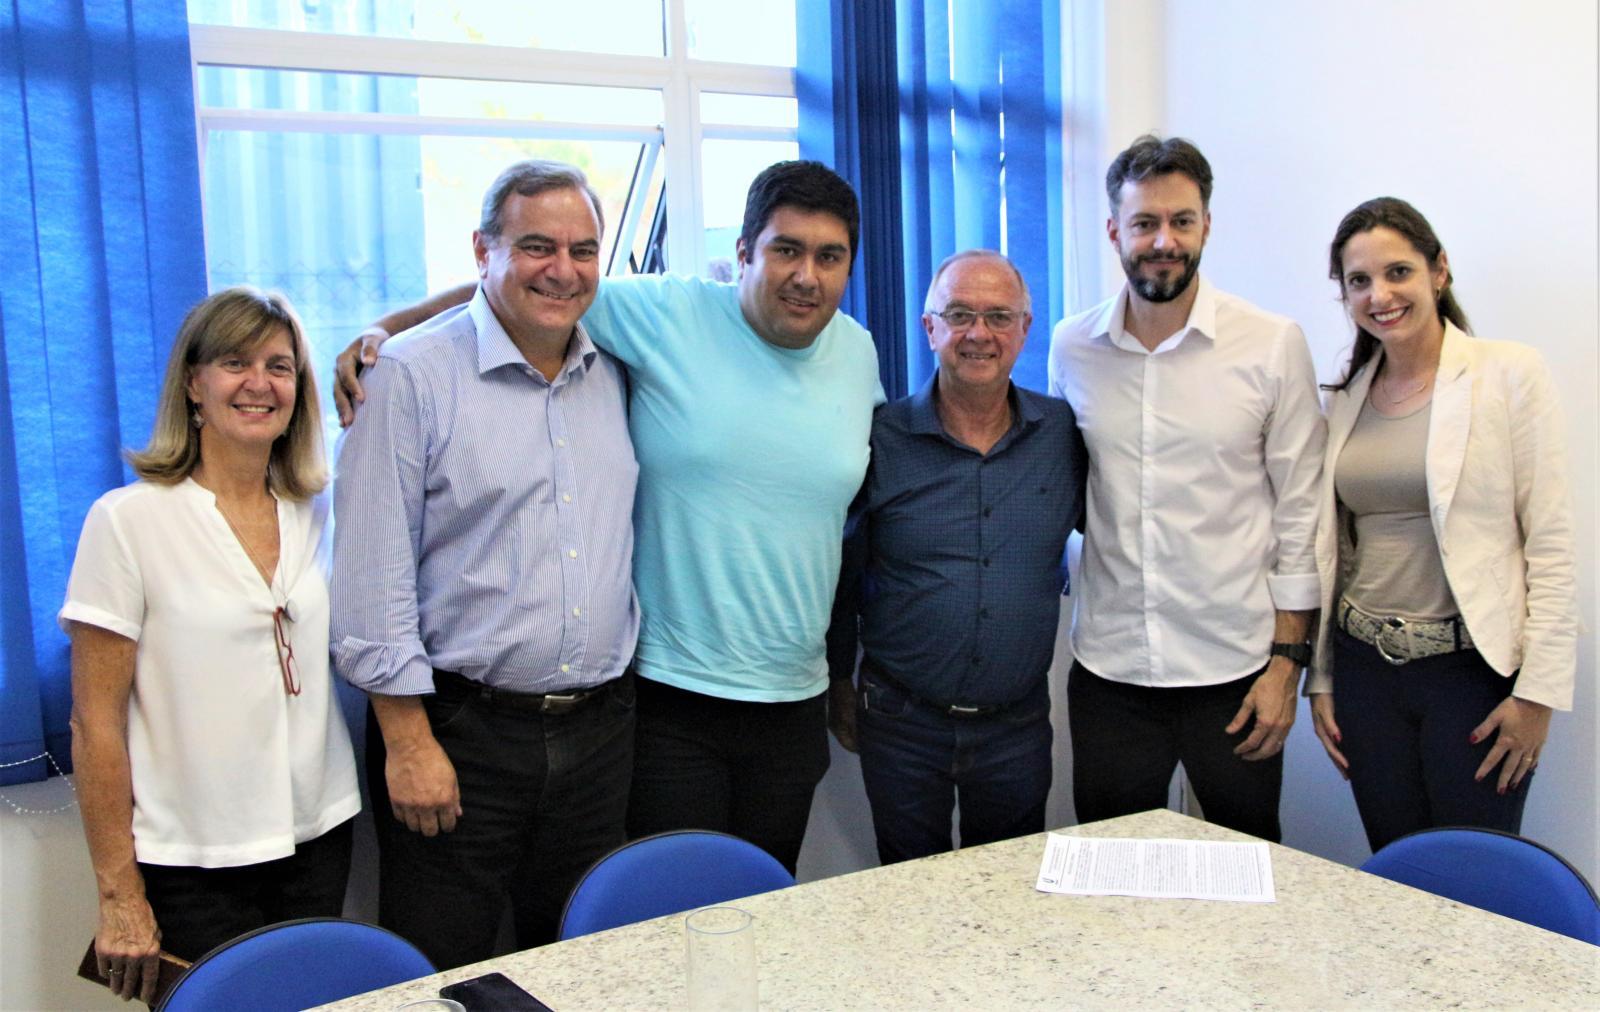 Prefeitura de Bom Jesus dos Perdões e UNIFAAT firmam convênio para bolsas de estudo